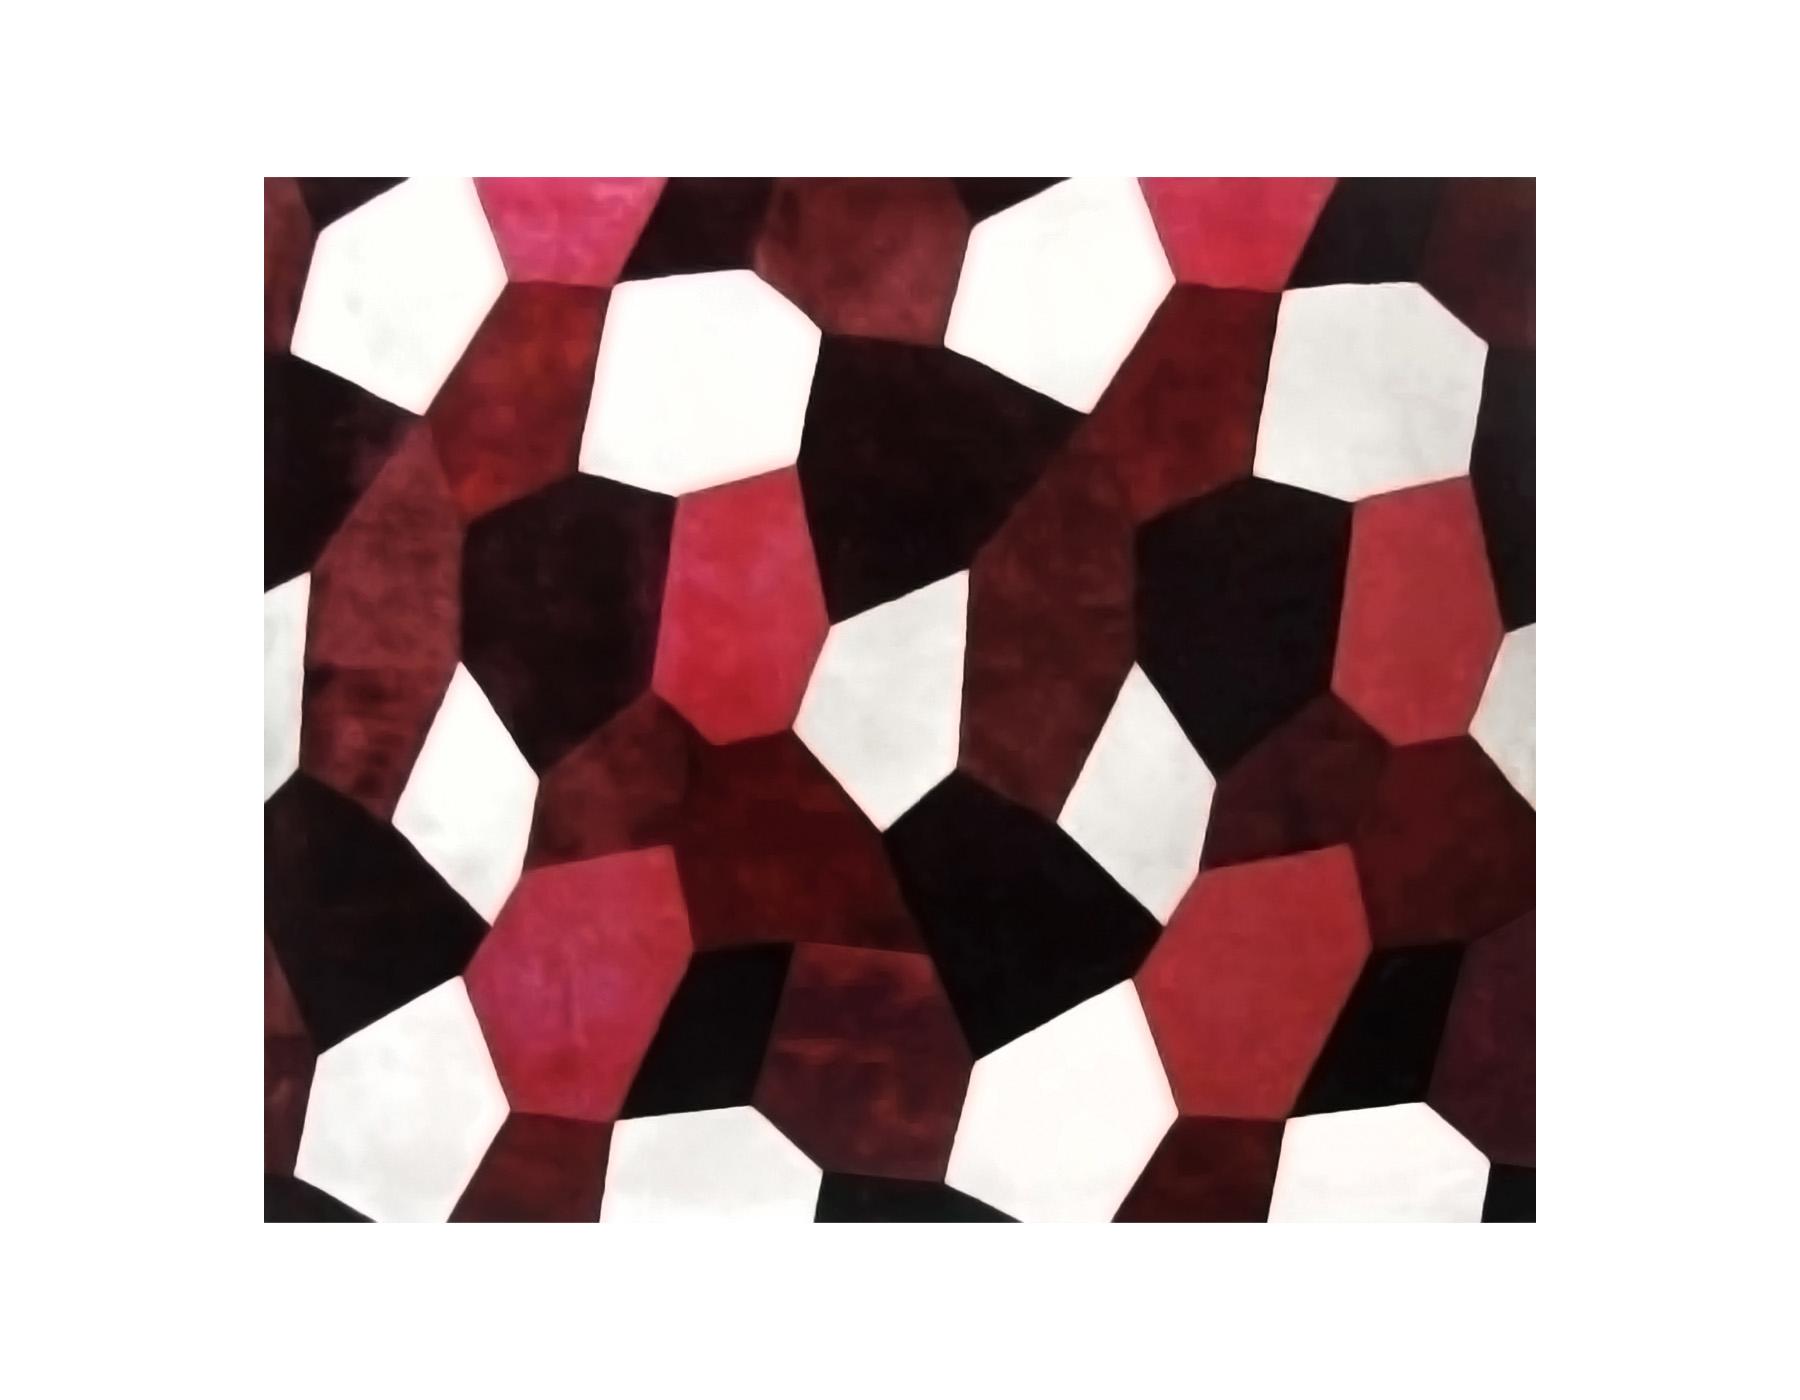 地毯|块毯|创意家具|现代家居|时尚家具|设计师家具|定制家具|实木家具|Camouflage地毯